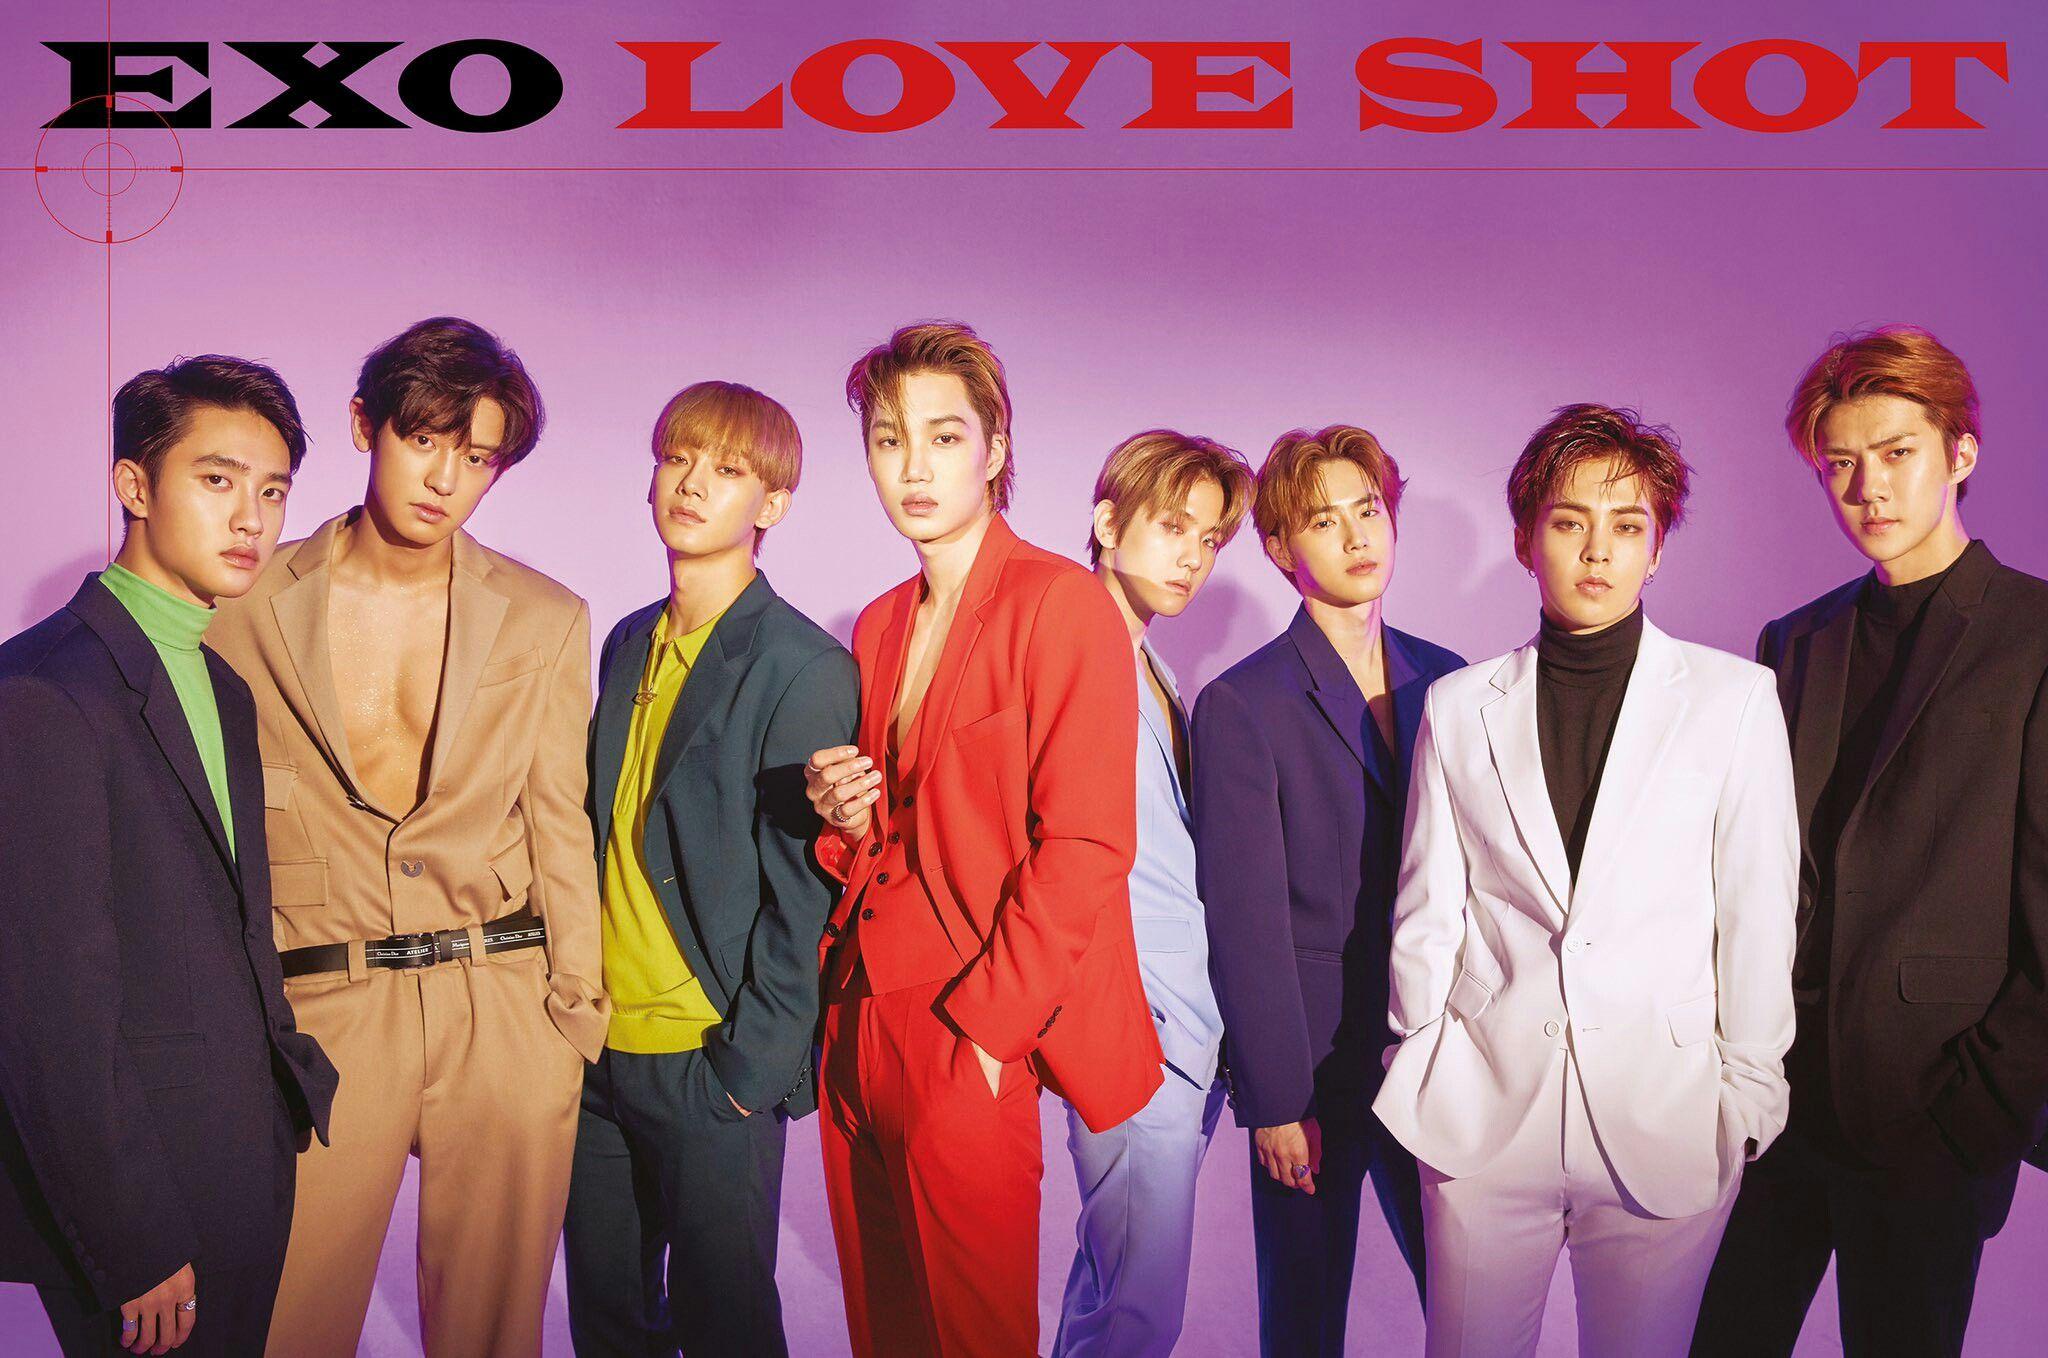 Love Shot 13 12 18 Exo Loveshot Weareone Suho Sehun Chen Do Xuimin Kai Chanyeol Baekhyun Exo Teaser Exo Album Exo Members